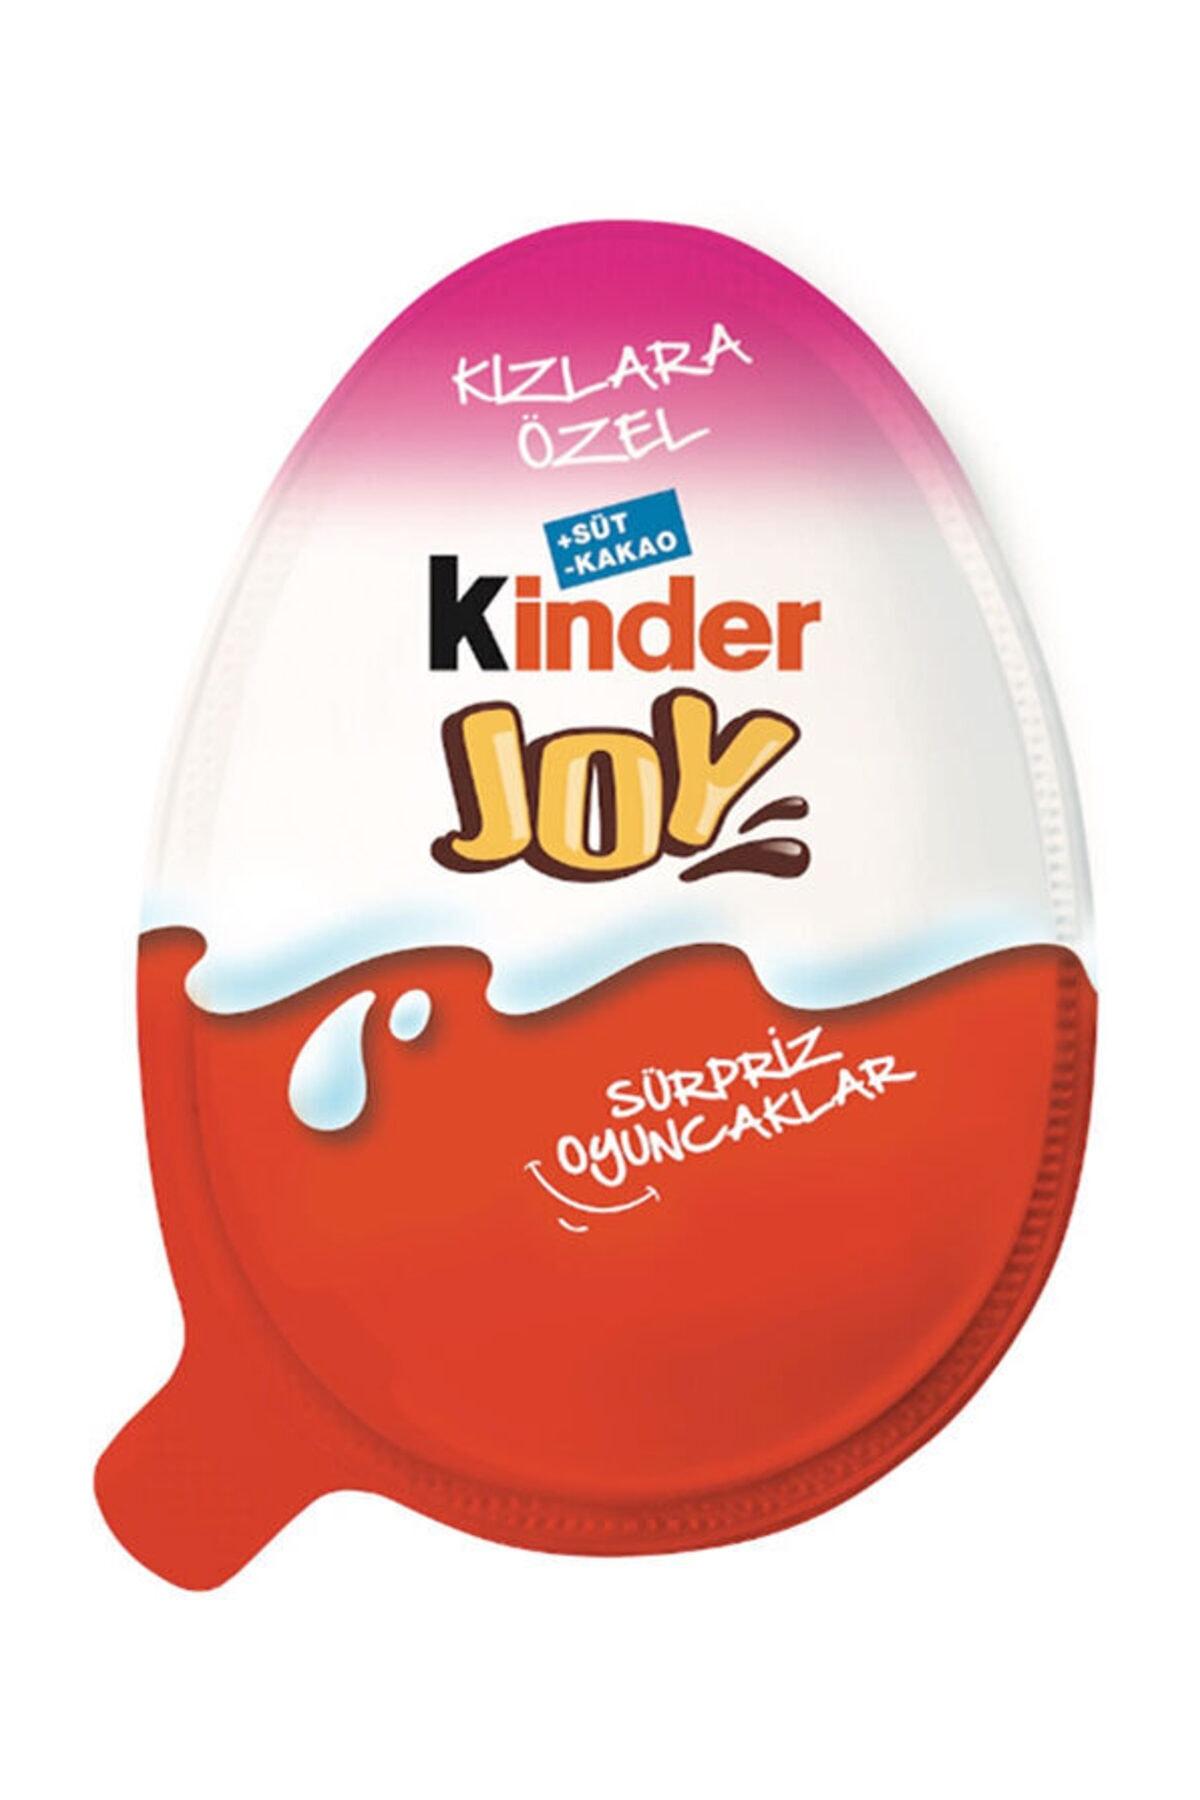 Kinder Ferrero Kinder Joy 20 gr 2